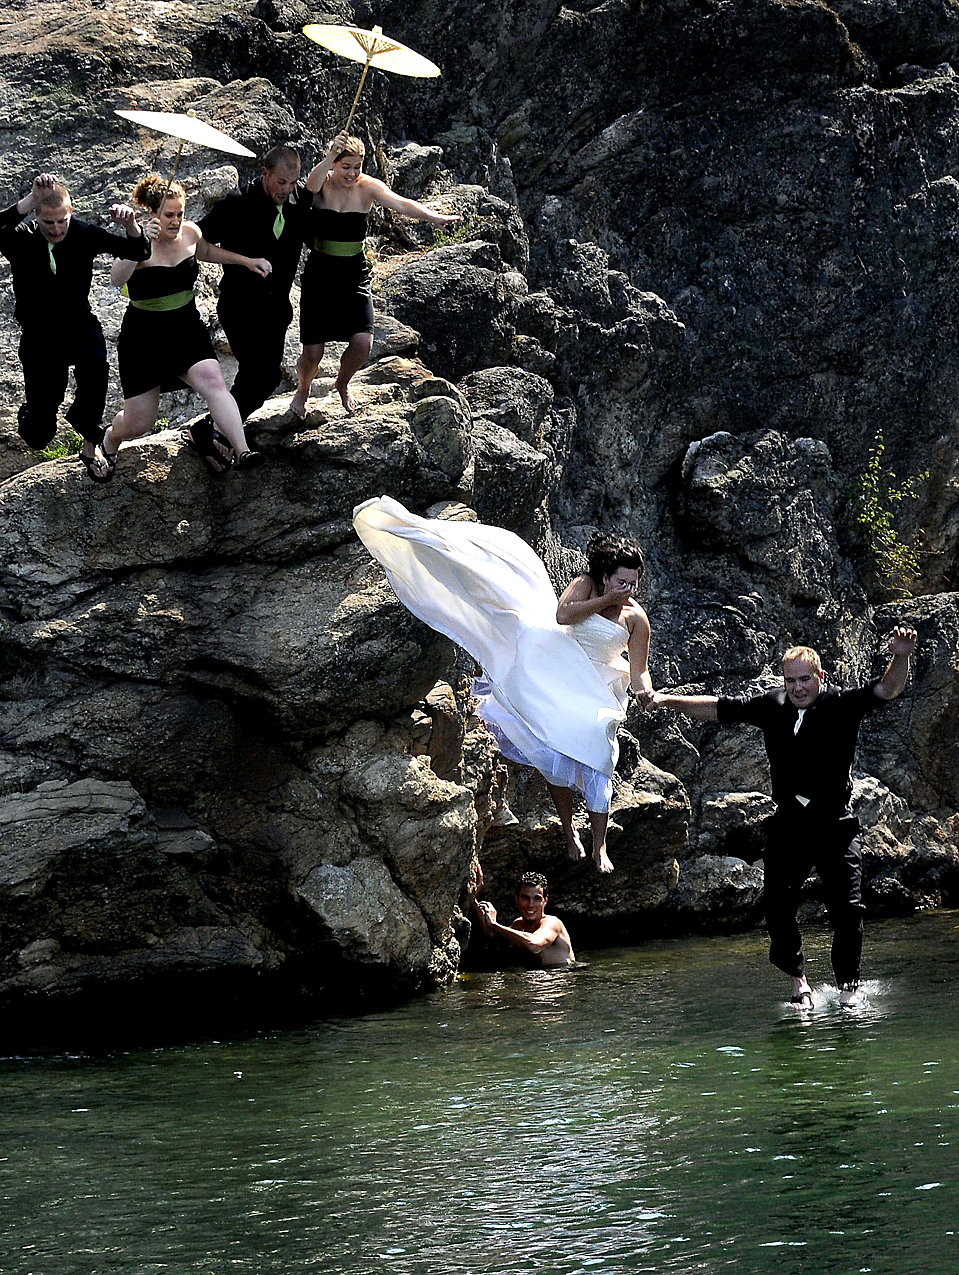 15. Леонел Хоскинсон и ее супруг Роб Хоскинсон, а также их шаферы и подружки невесты прыгают в озеро Кур д'Олен в одноименном городе, штат Айдахо, понедельник. (Kathy Plonka/The Spokesman Review via Associated Press)